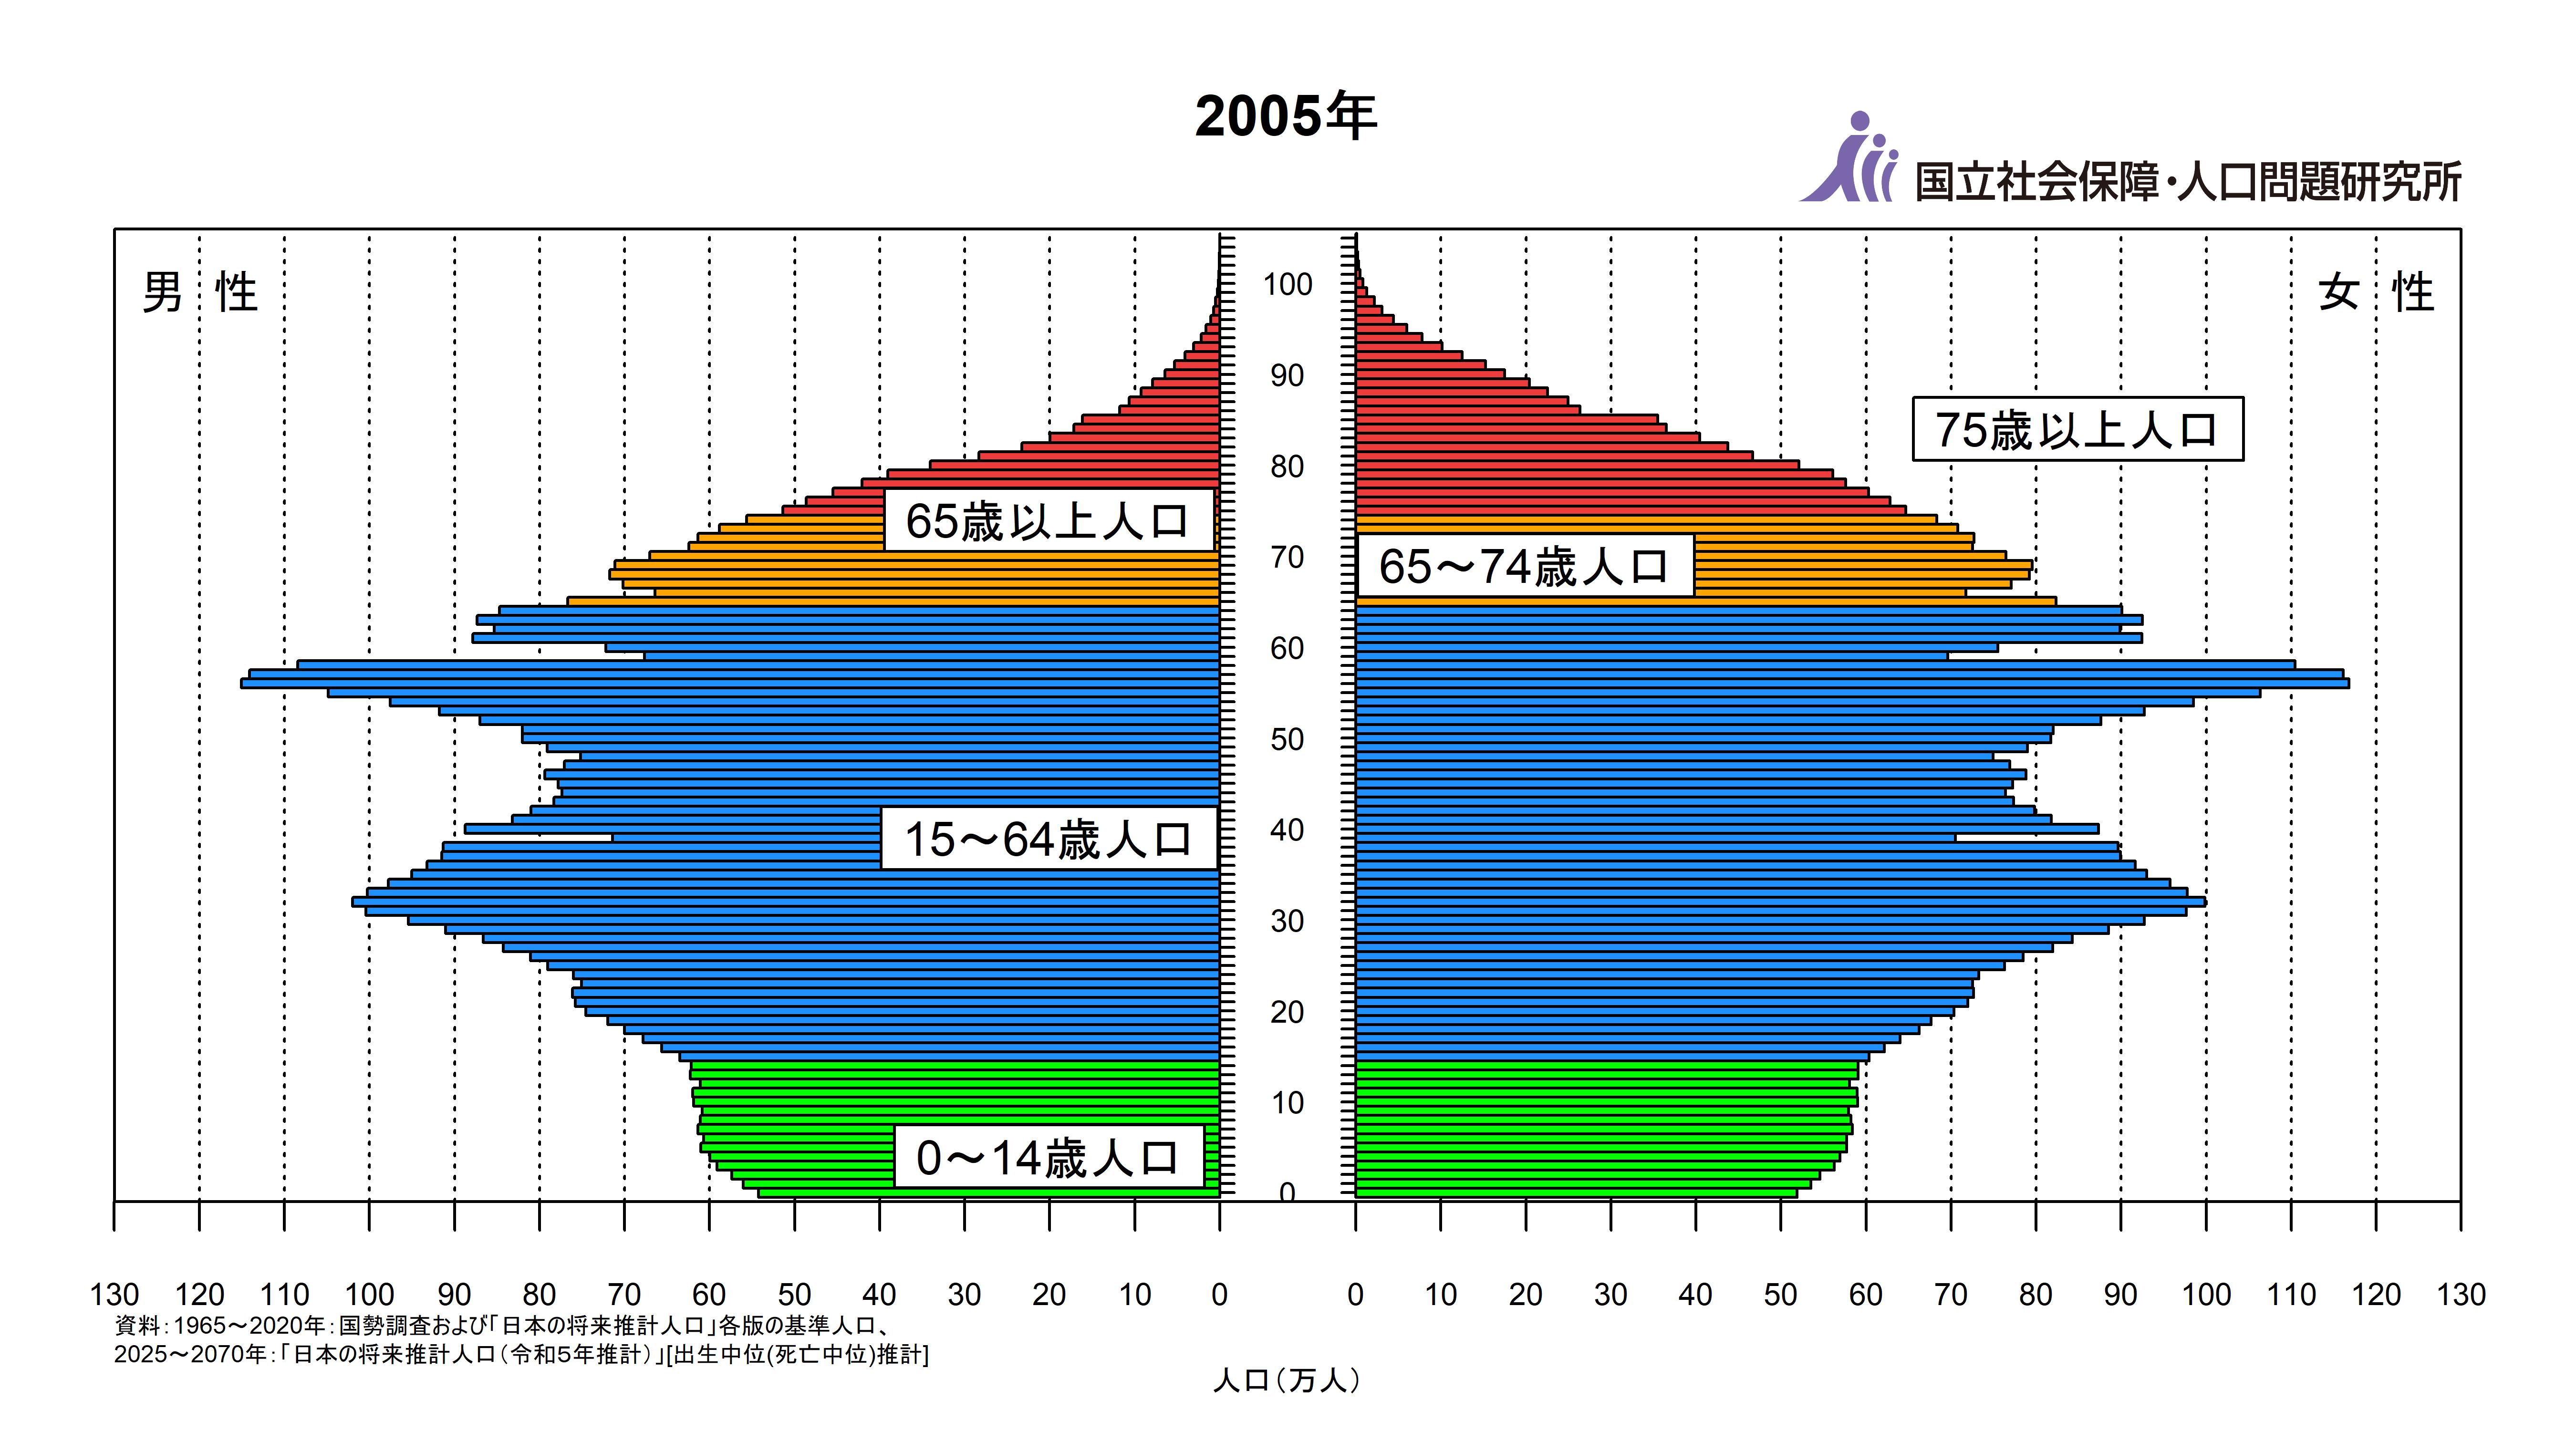 日本の人口ピラミッド 2005年